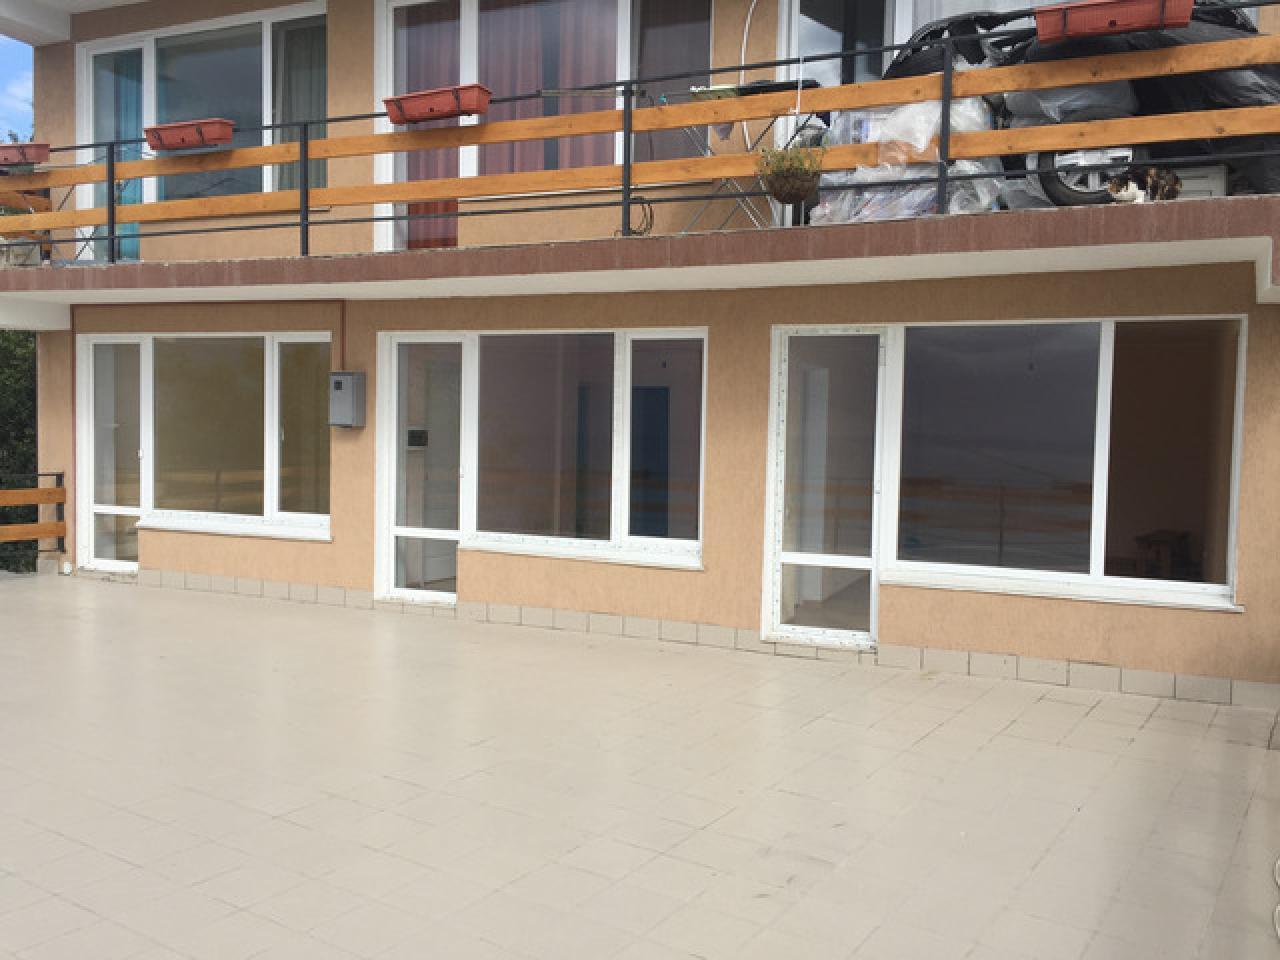 3-х комнатная квартира в Алупке, Крым, РОССИЯ  цена £87,000 Пишите, звоните! - 10